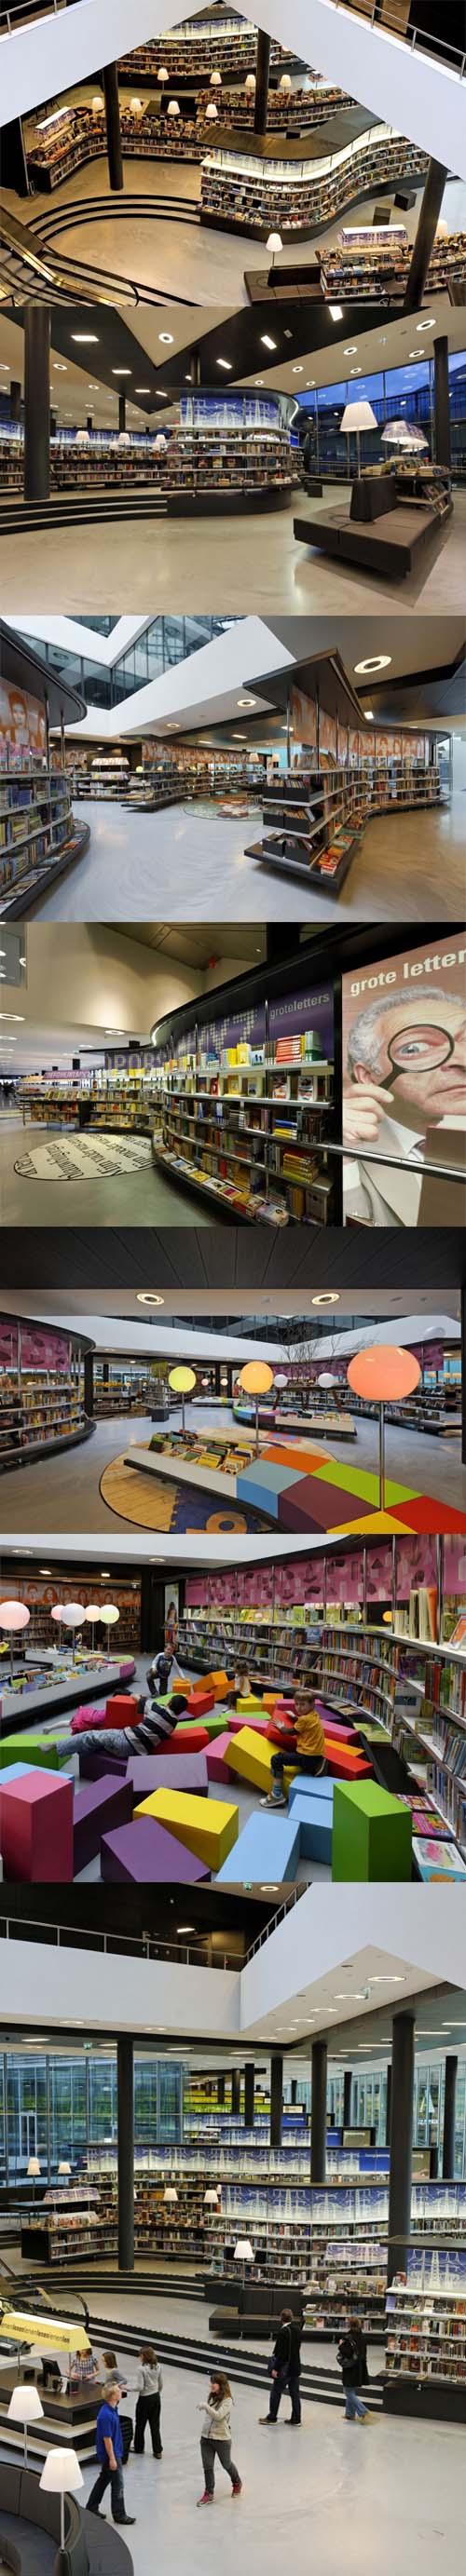 Architettura contemporanea la biblioteca olandese di almere for Architettura olandese